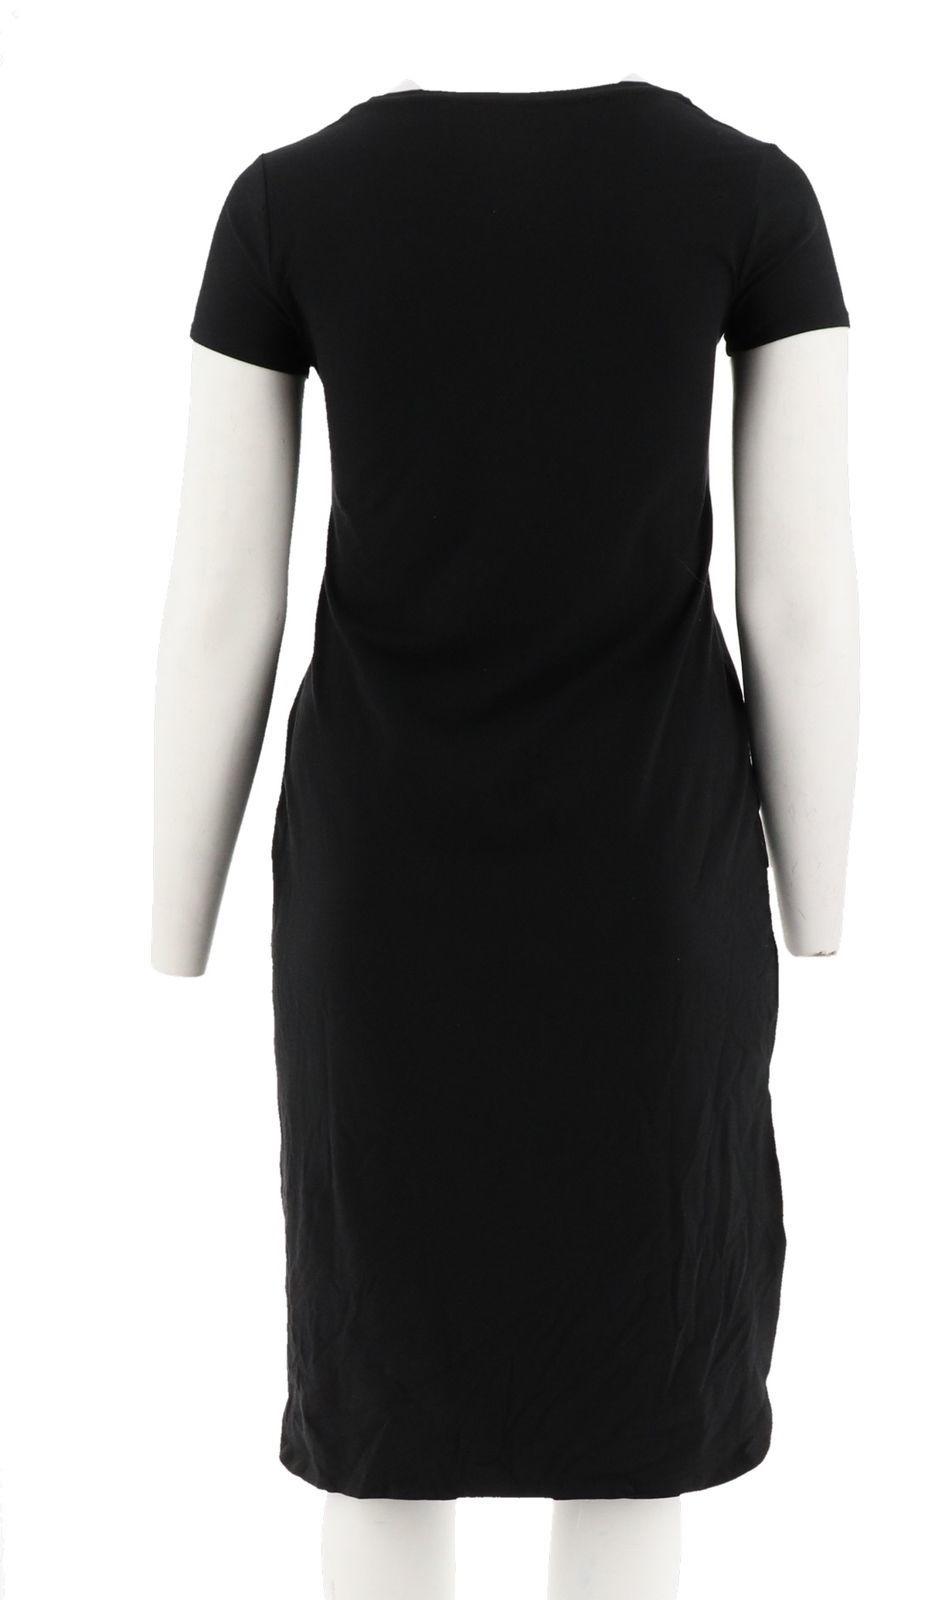 H Halston Essentials Knit Midi Dress Shirttail Hem Black XS NEW A290894 image 3